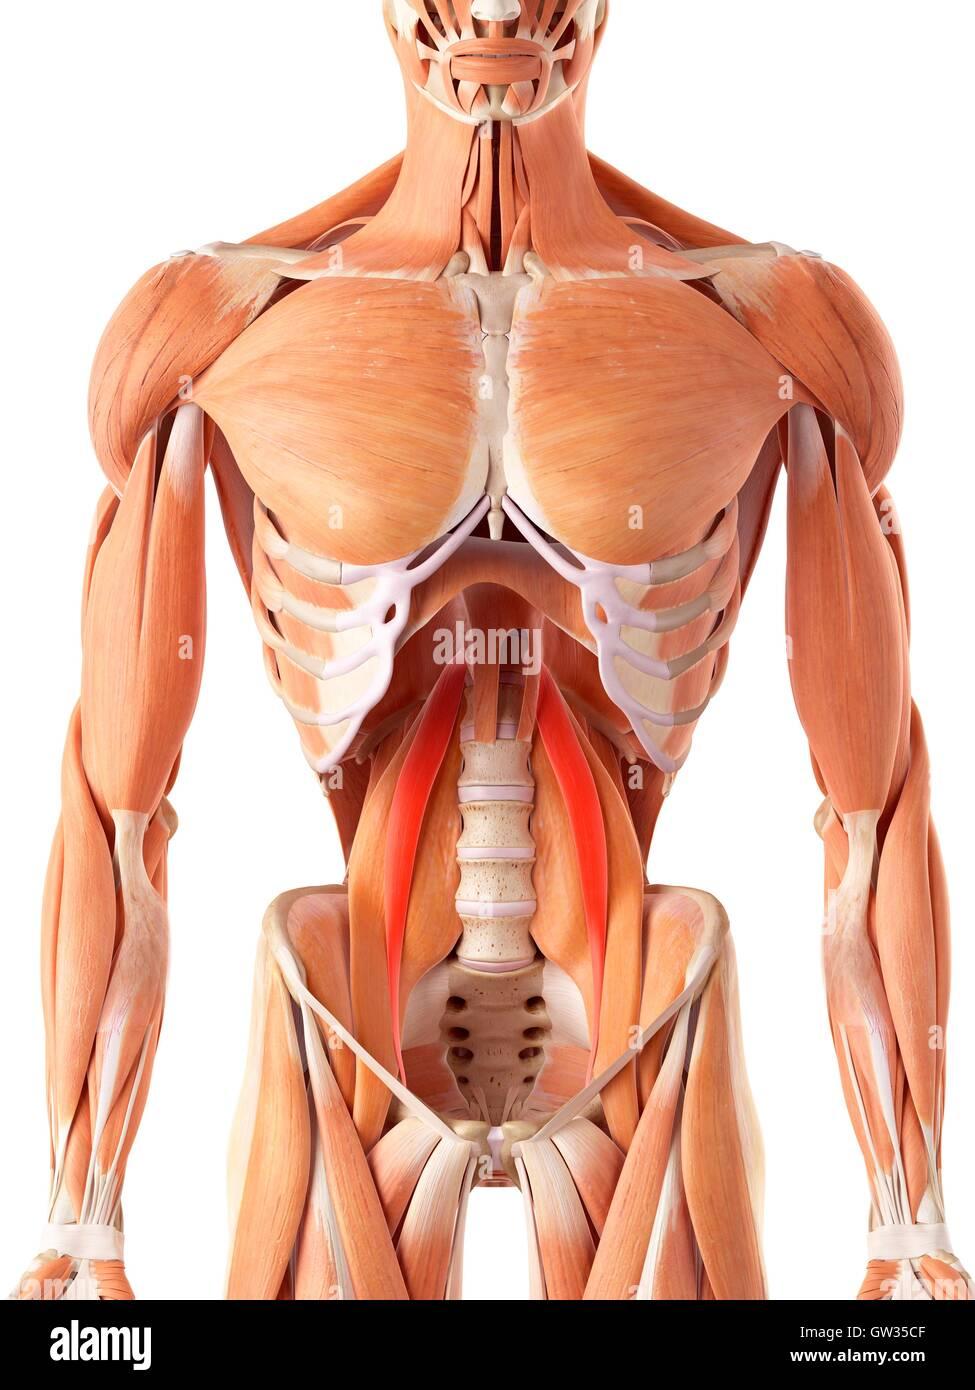 Menschlichen Bauchmuskeln, Abbildung Stockfoto, Bild: 118698735 - Alamy